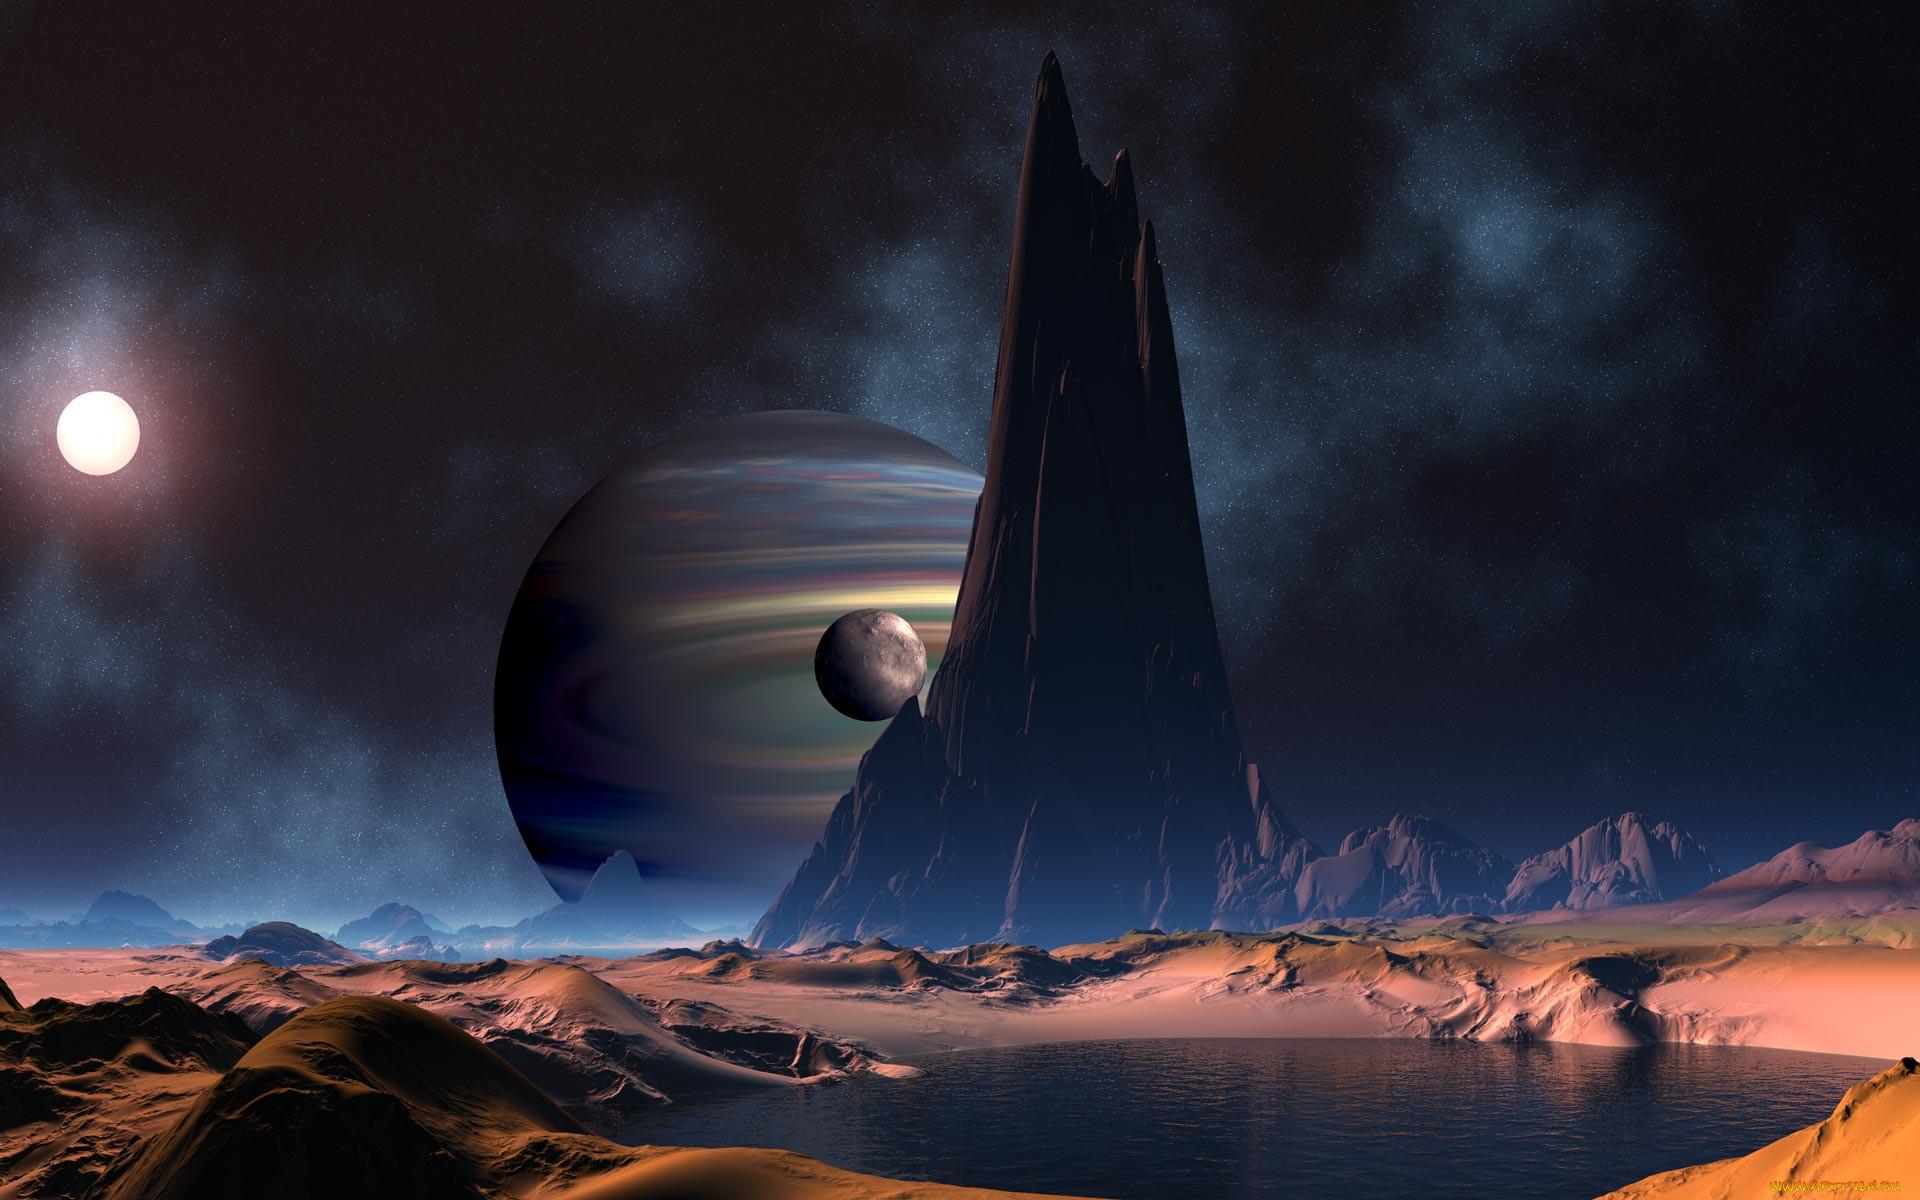 лобке смотреть картинки других планет дизайн, необычные фото